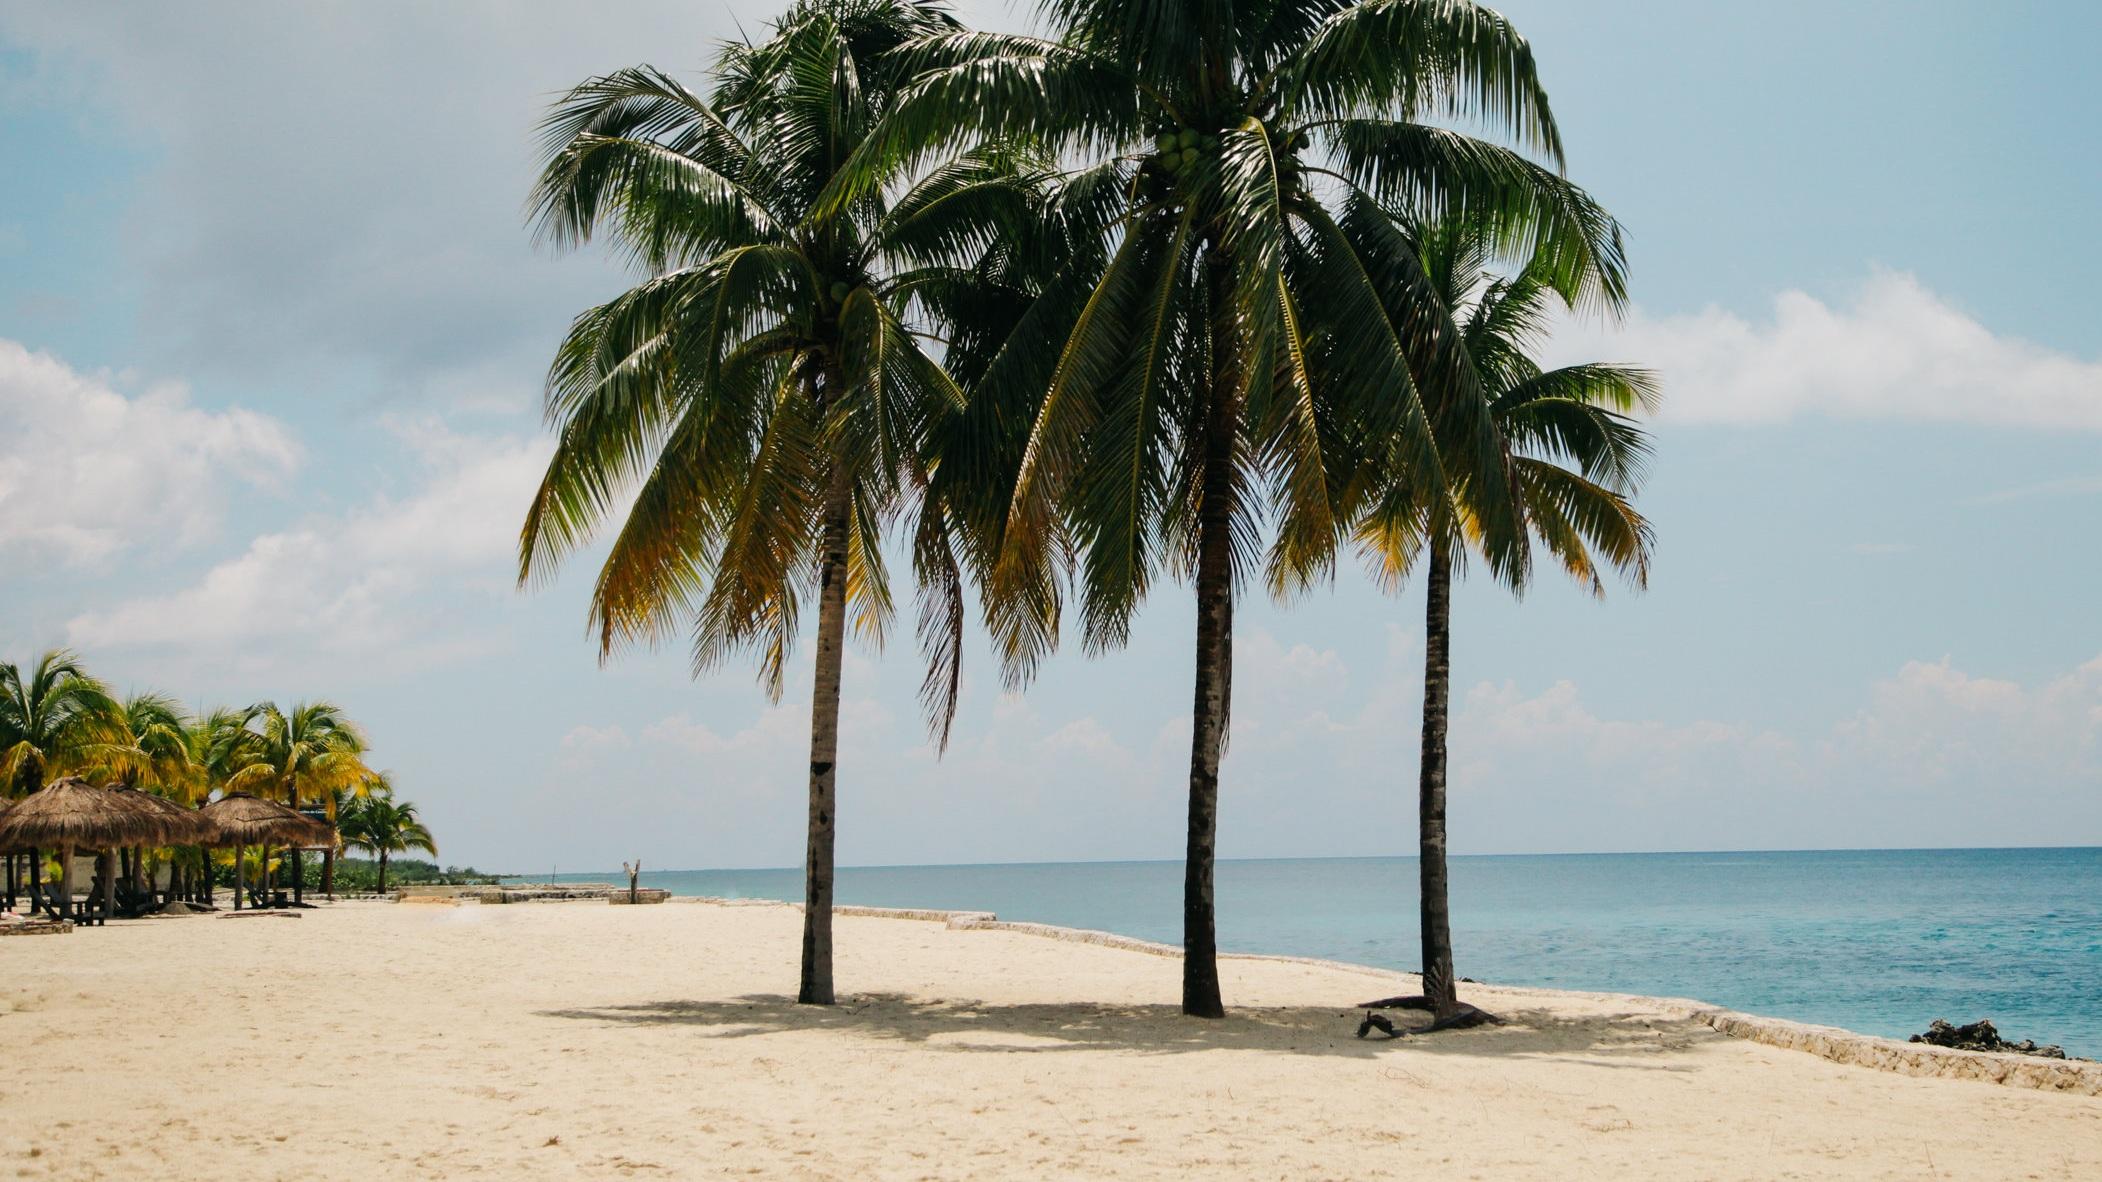 Key West - En utflykt som tar 15 timmar men är väl värd den investerade tiden. På den här upplevelsen får du se otroligt mäktiga Key West via båt, vandra på de pittoreska gatorna, njuta av stranden och besöka Ernest Hemingways lilla vita hus bland mycket annat.